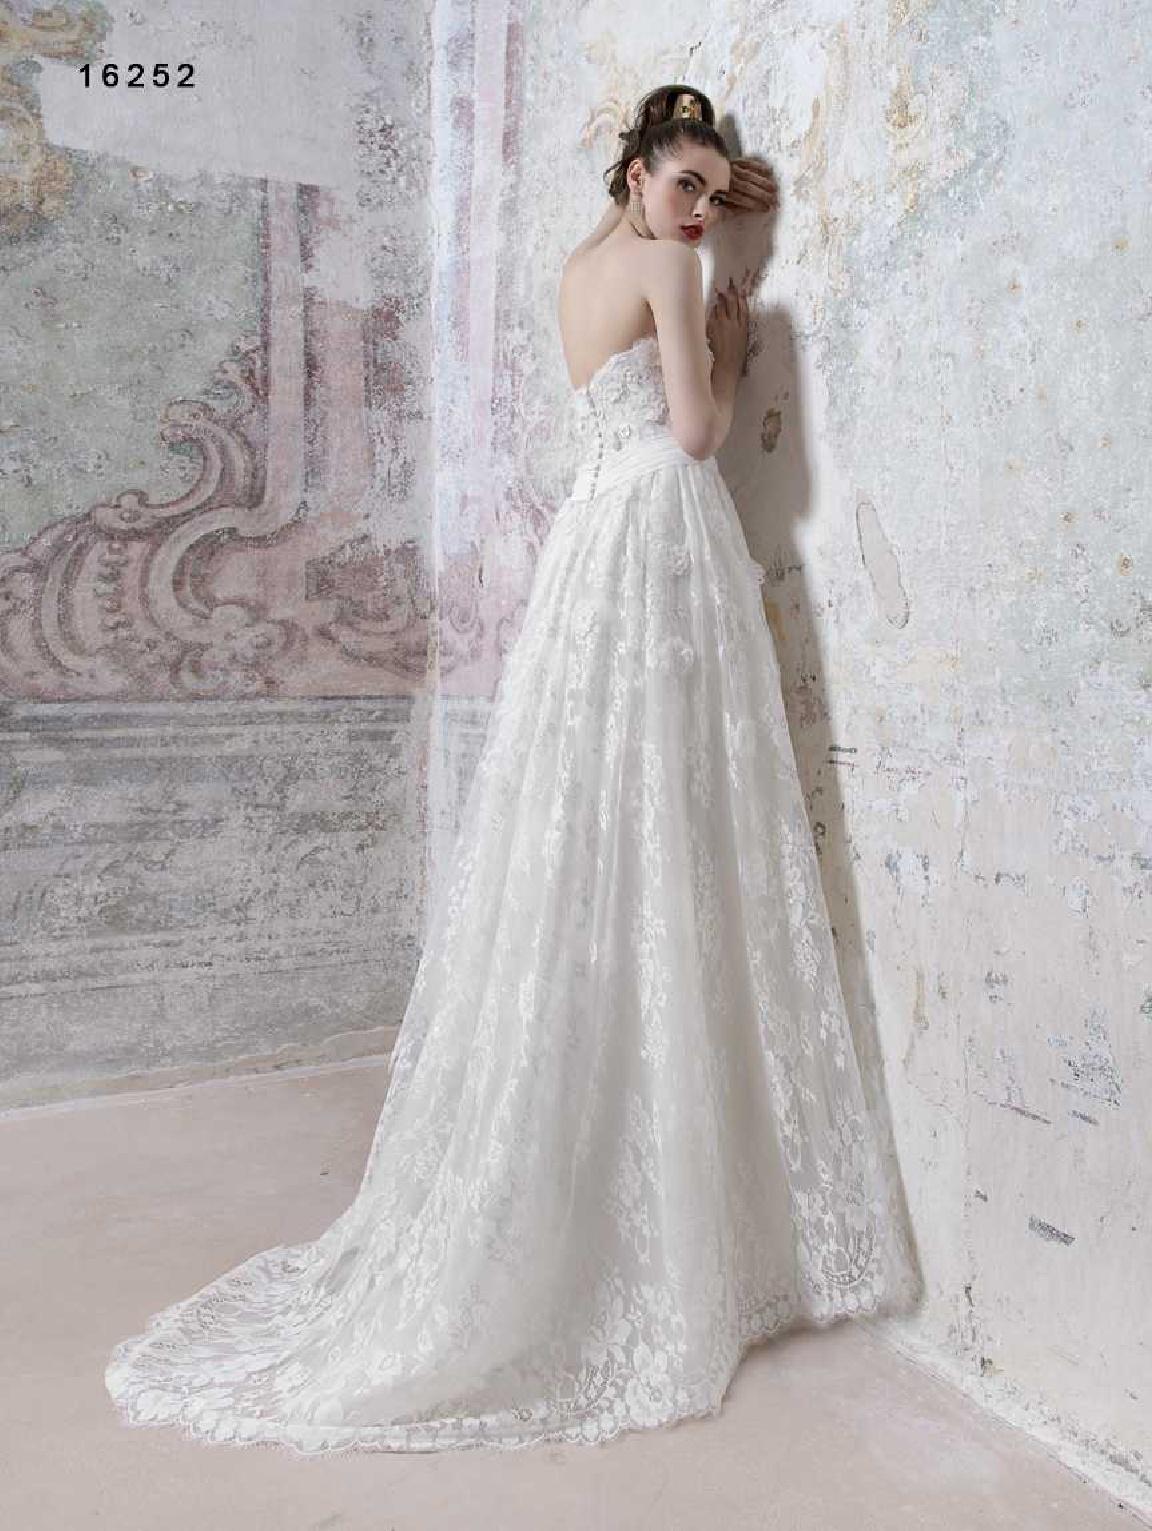 vinni-collezione-2017-abiti-sposa-49  ABITI DA SPOSA